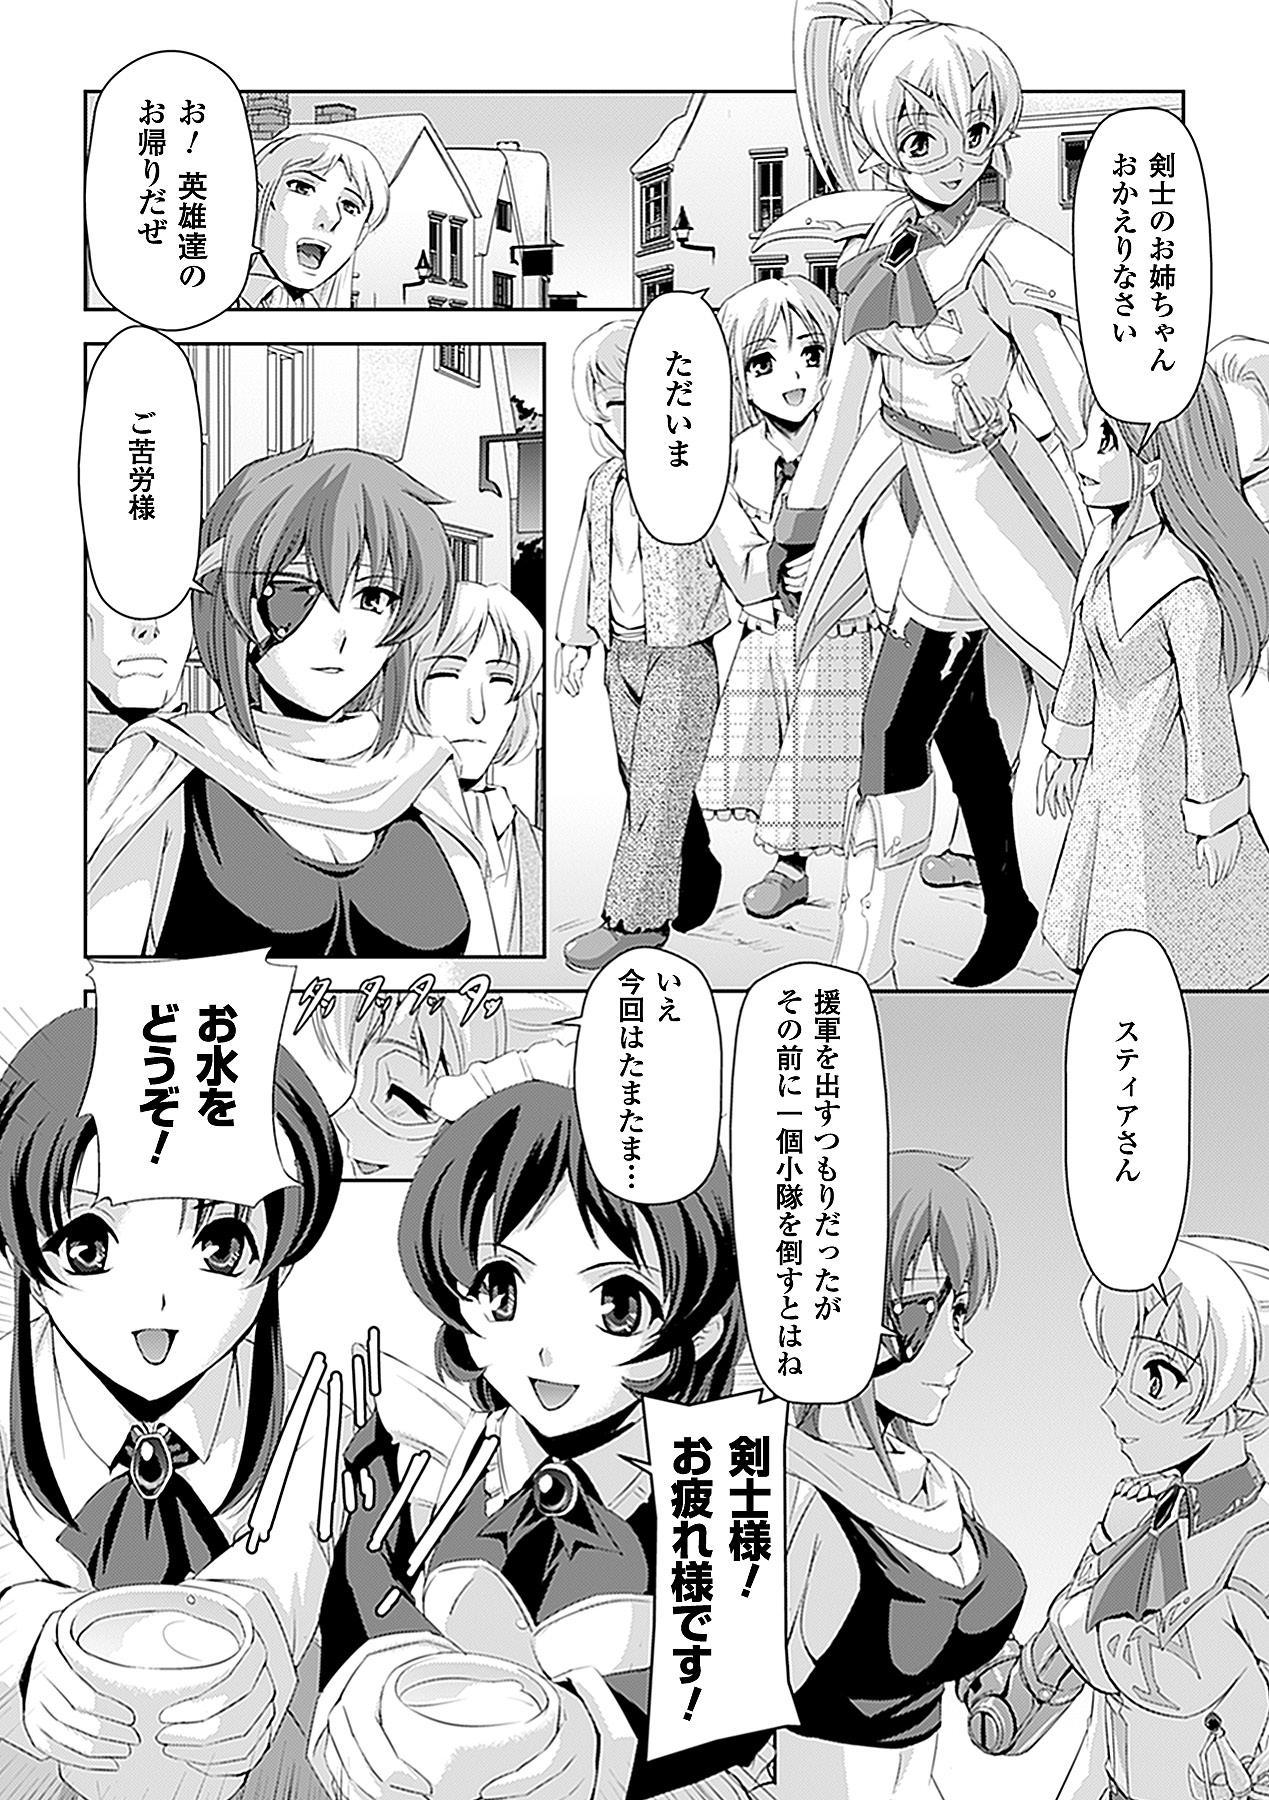 Shirayuri no Kenshi 13